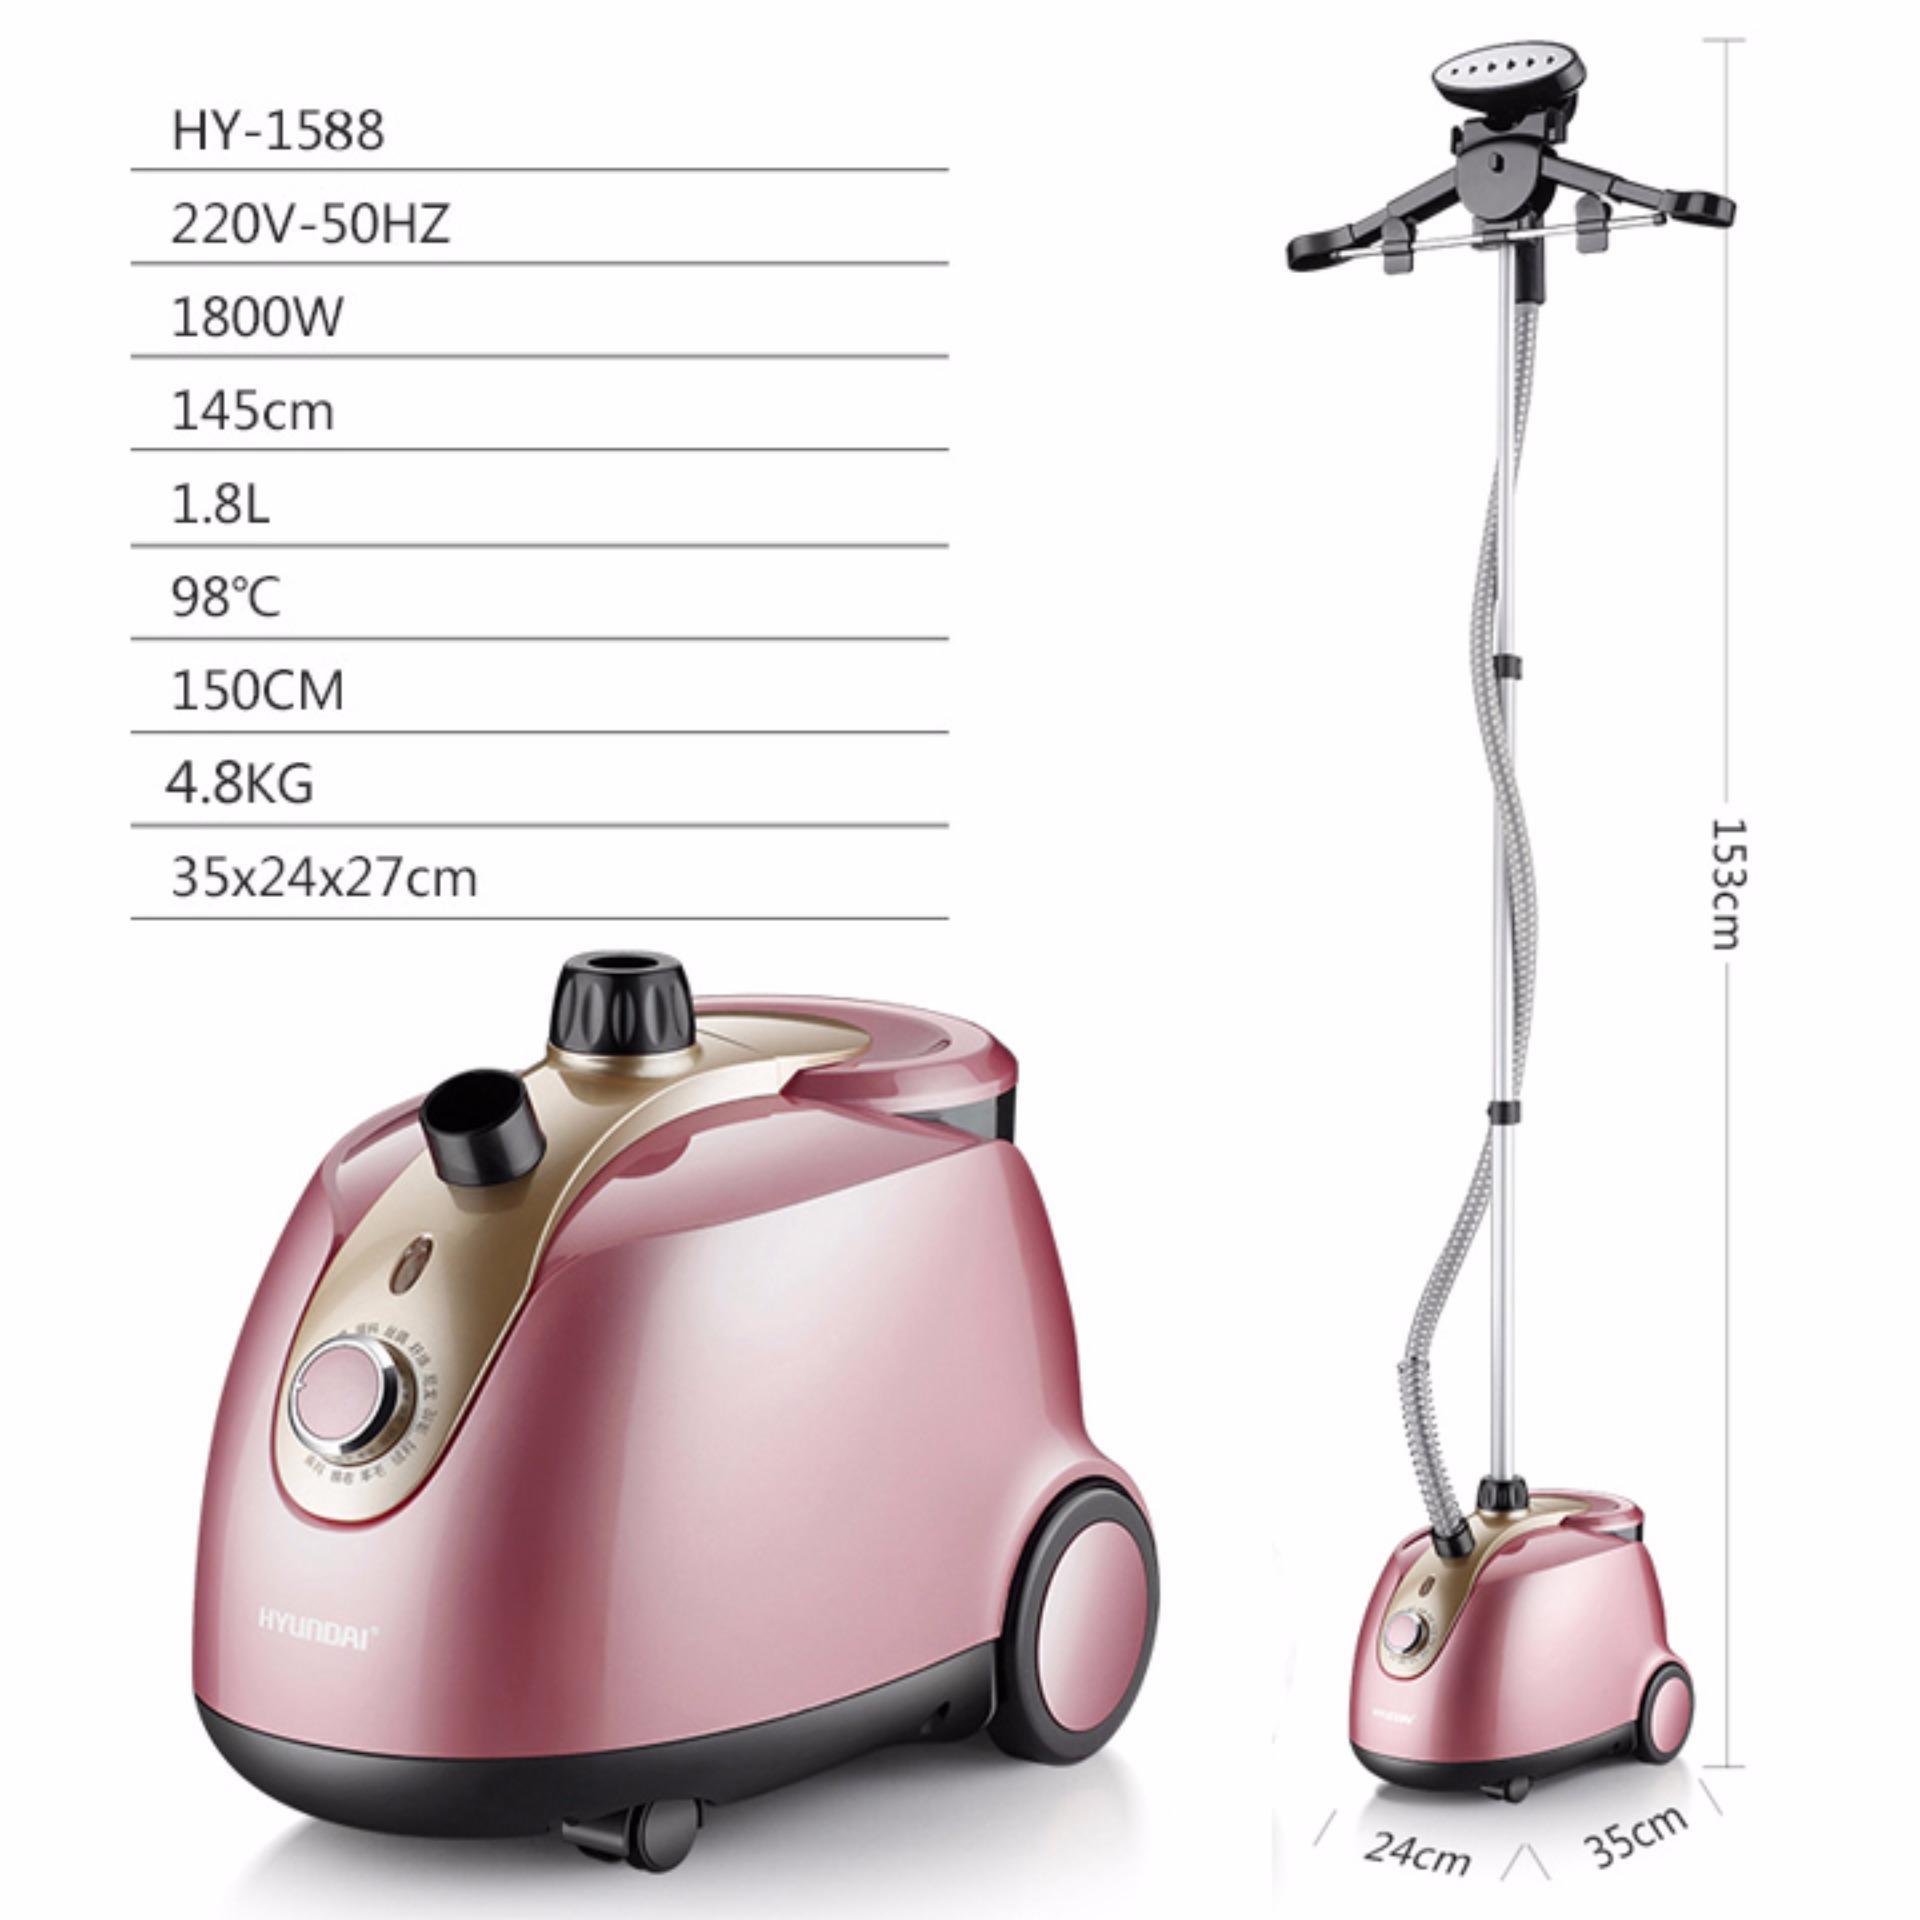 Bàn ủi hơi nước đứng Hyundai HY-1588